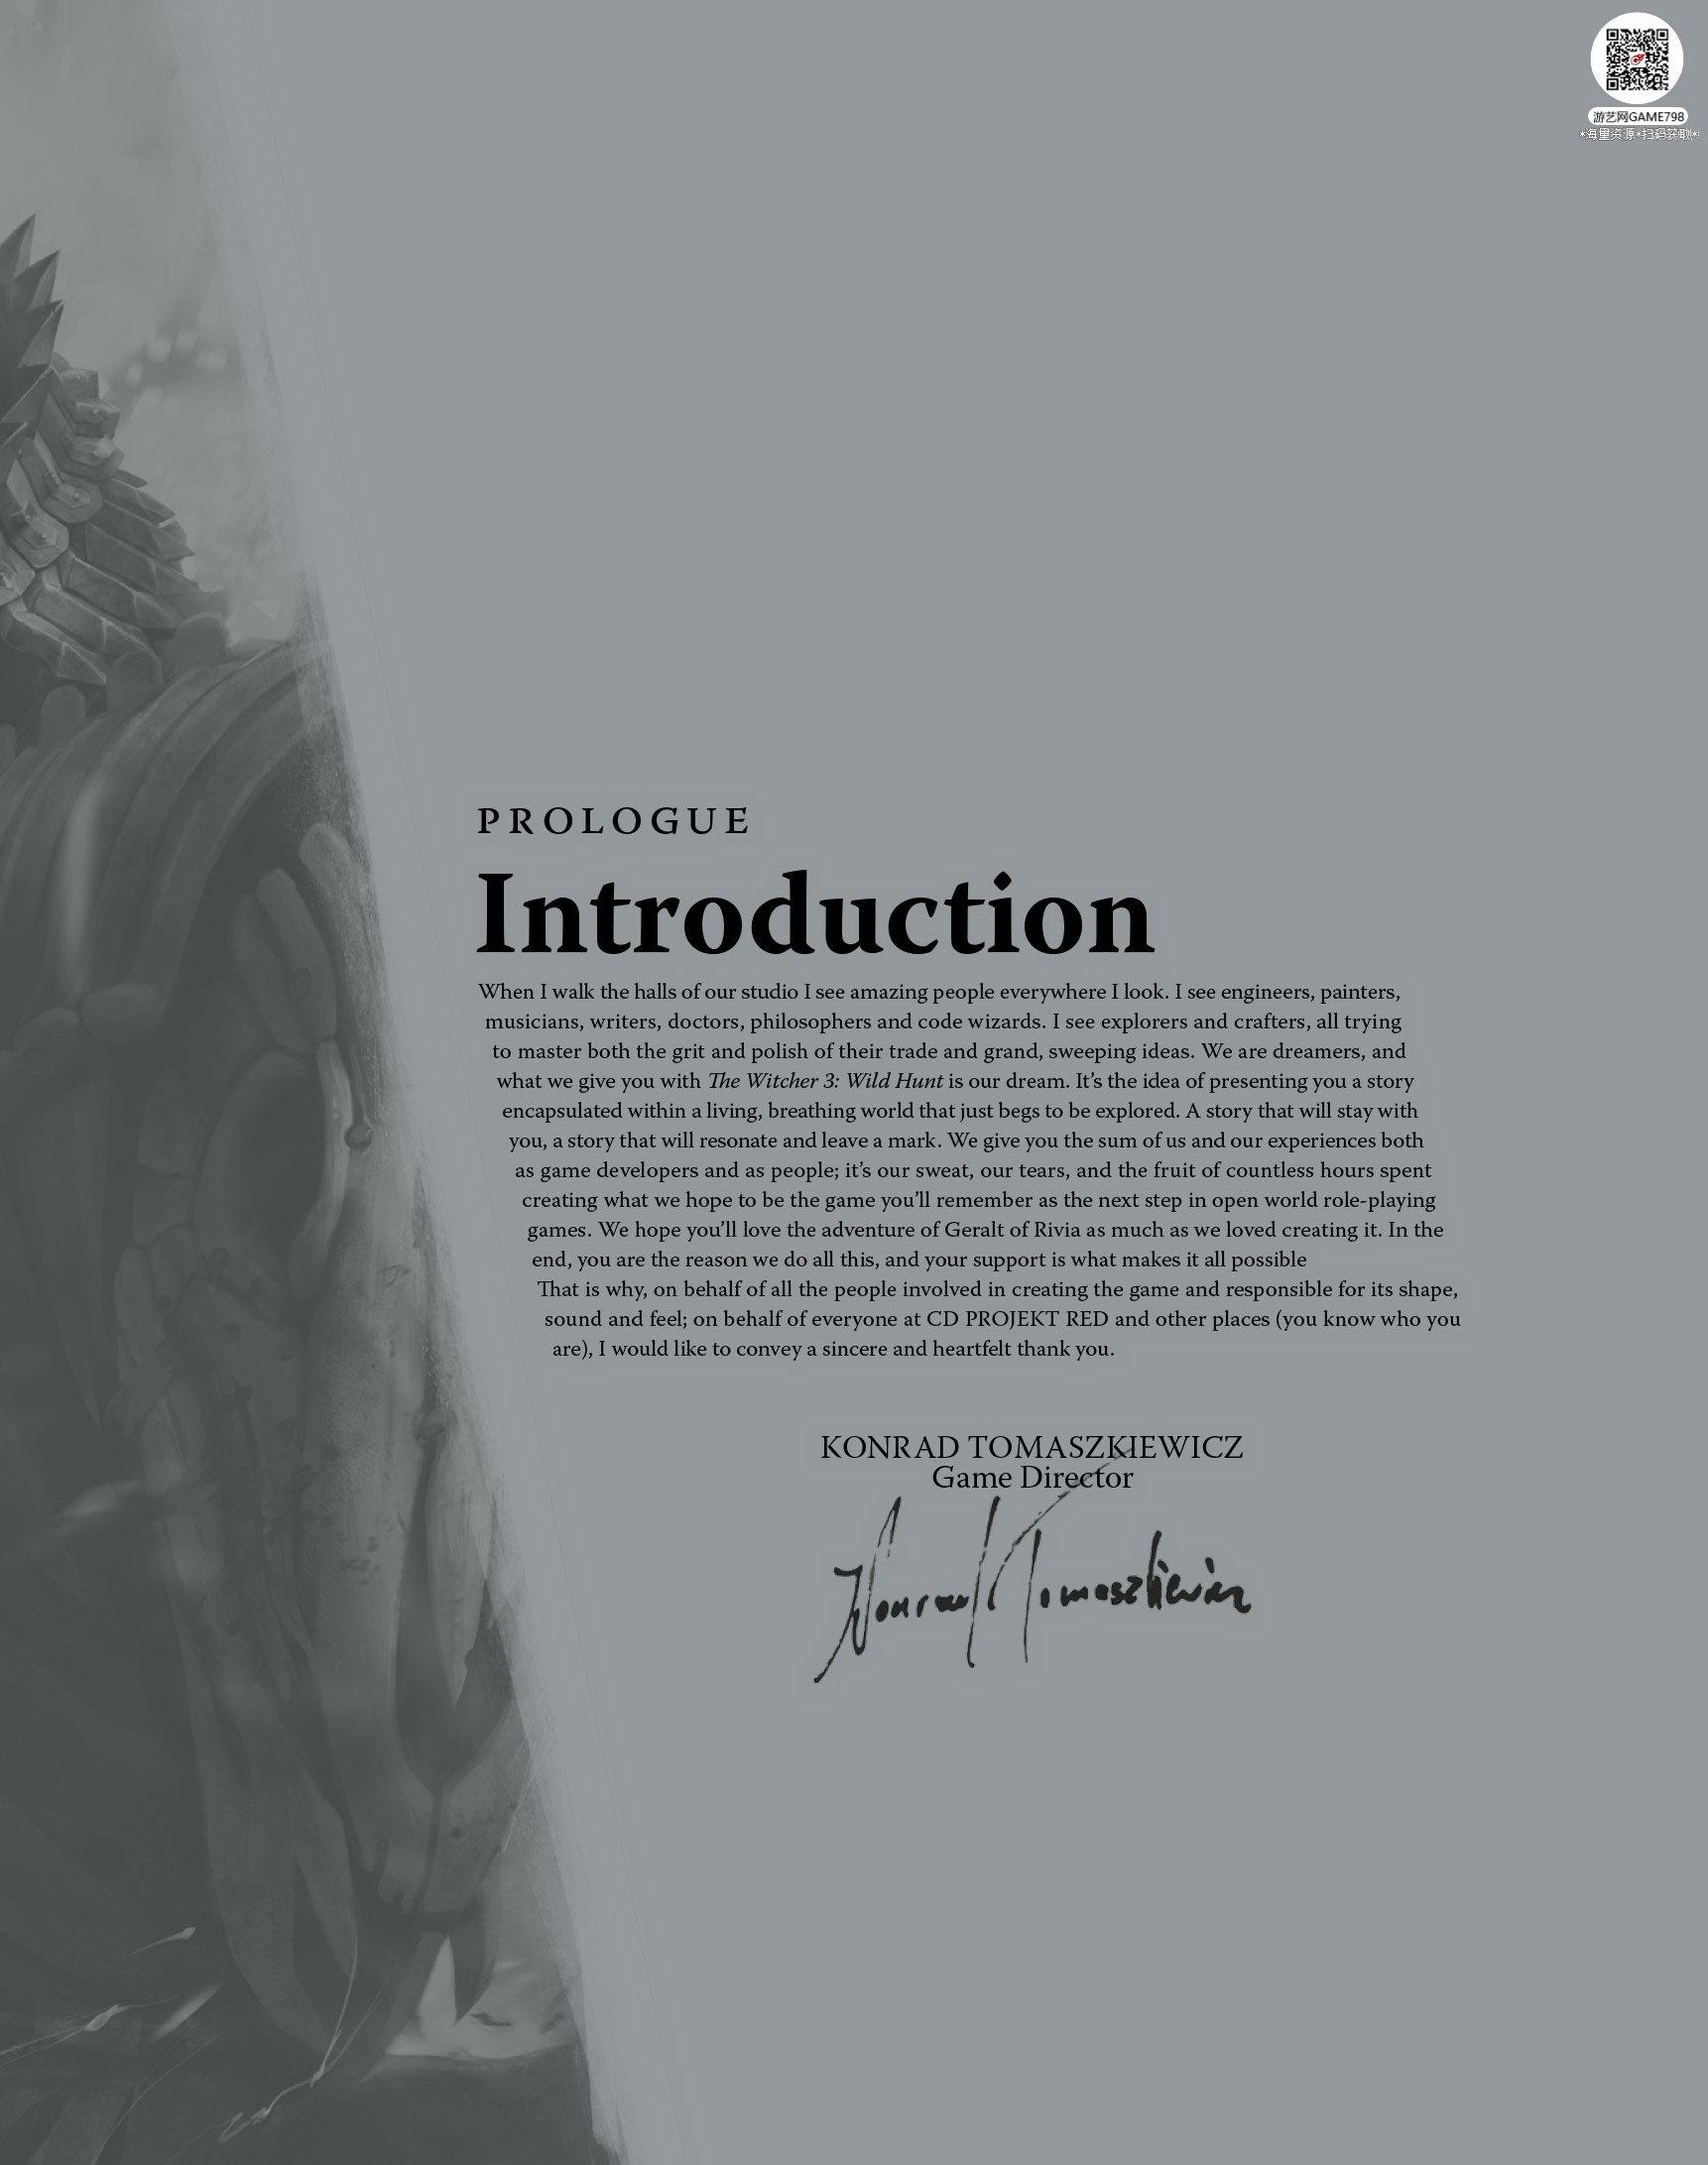 006_关注游艺网公众号获海量资源_次世代游戏巫师3(Witcher)官方原画概念设定.jpg